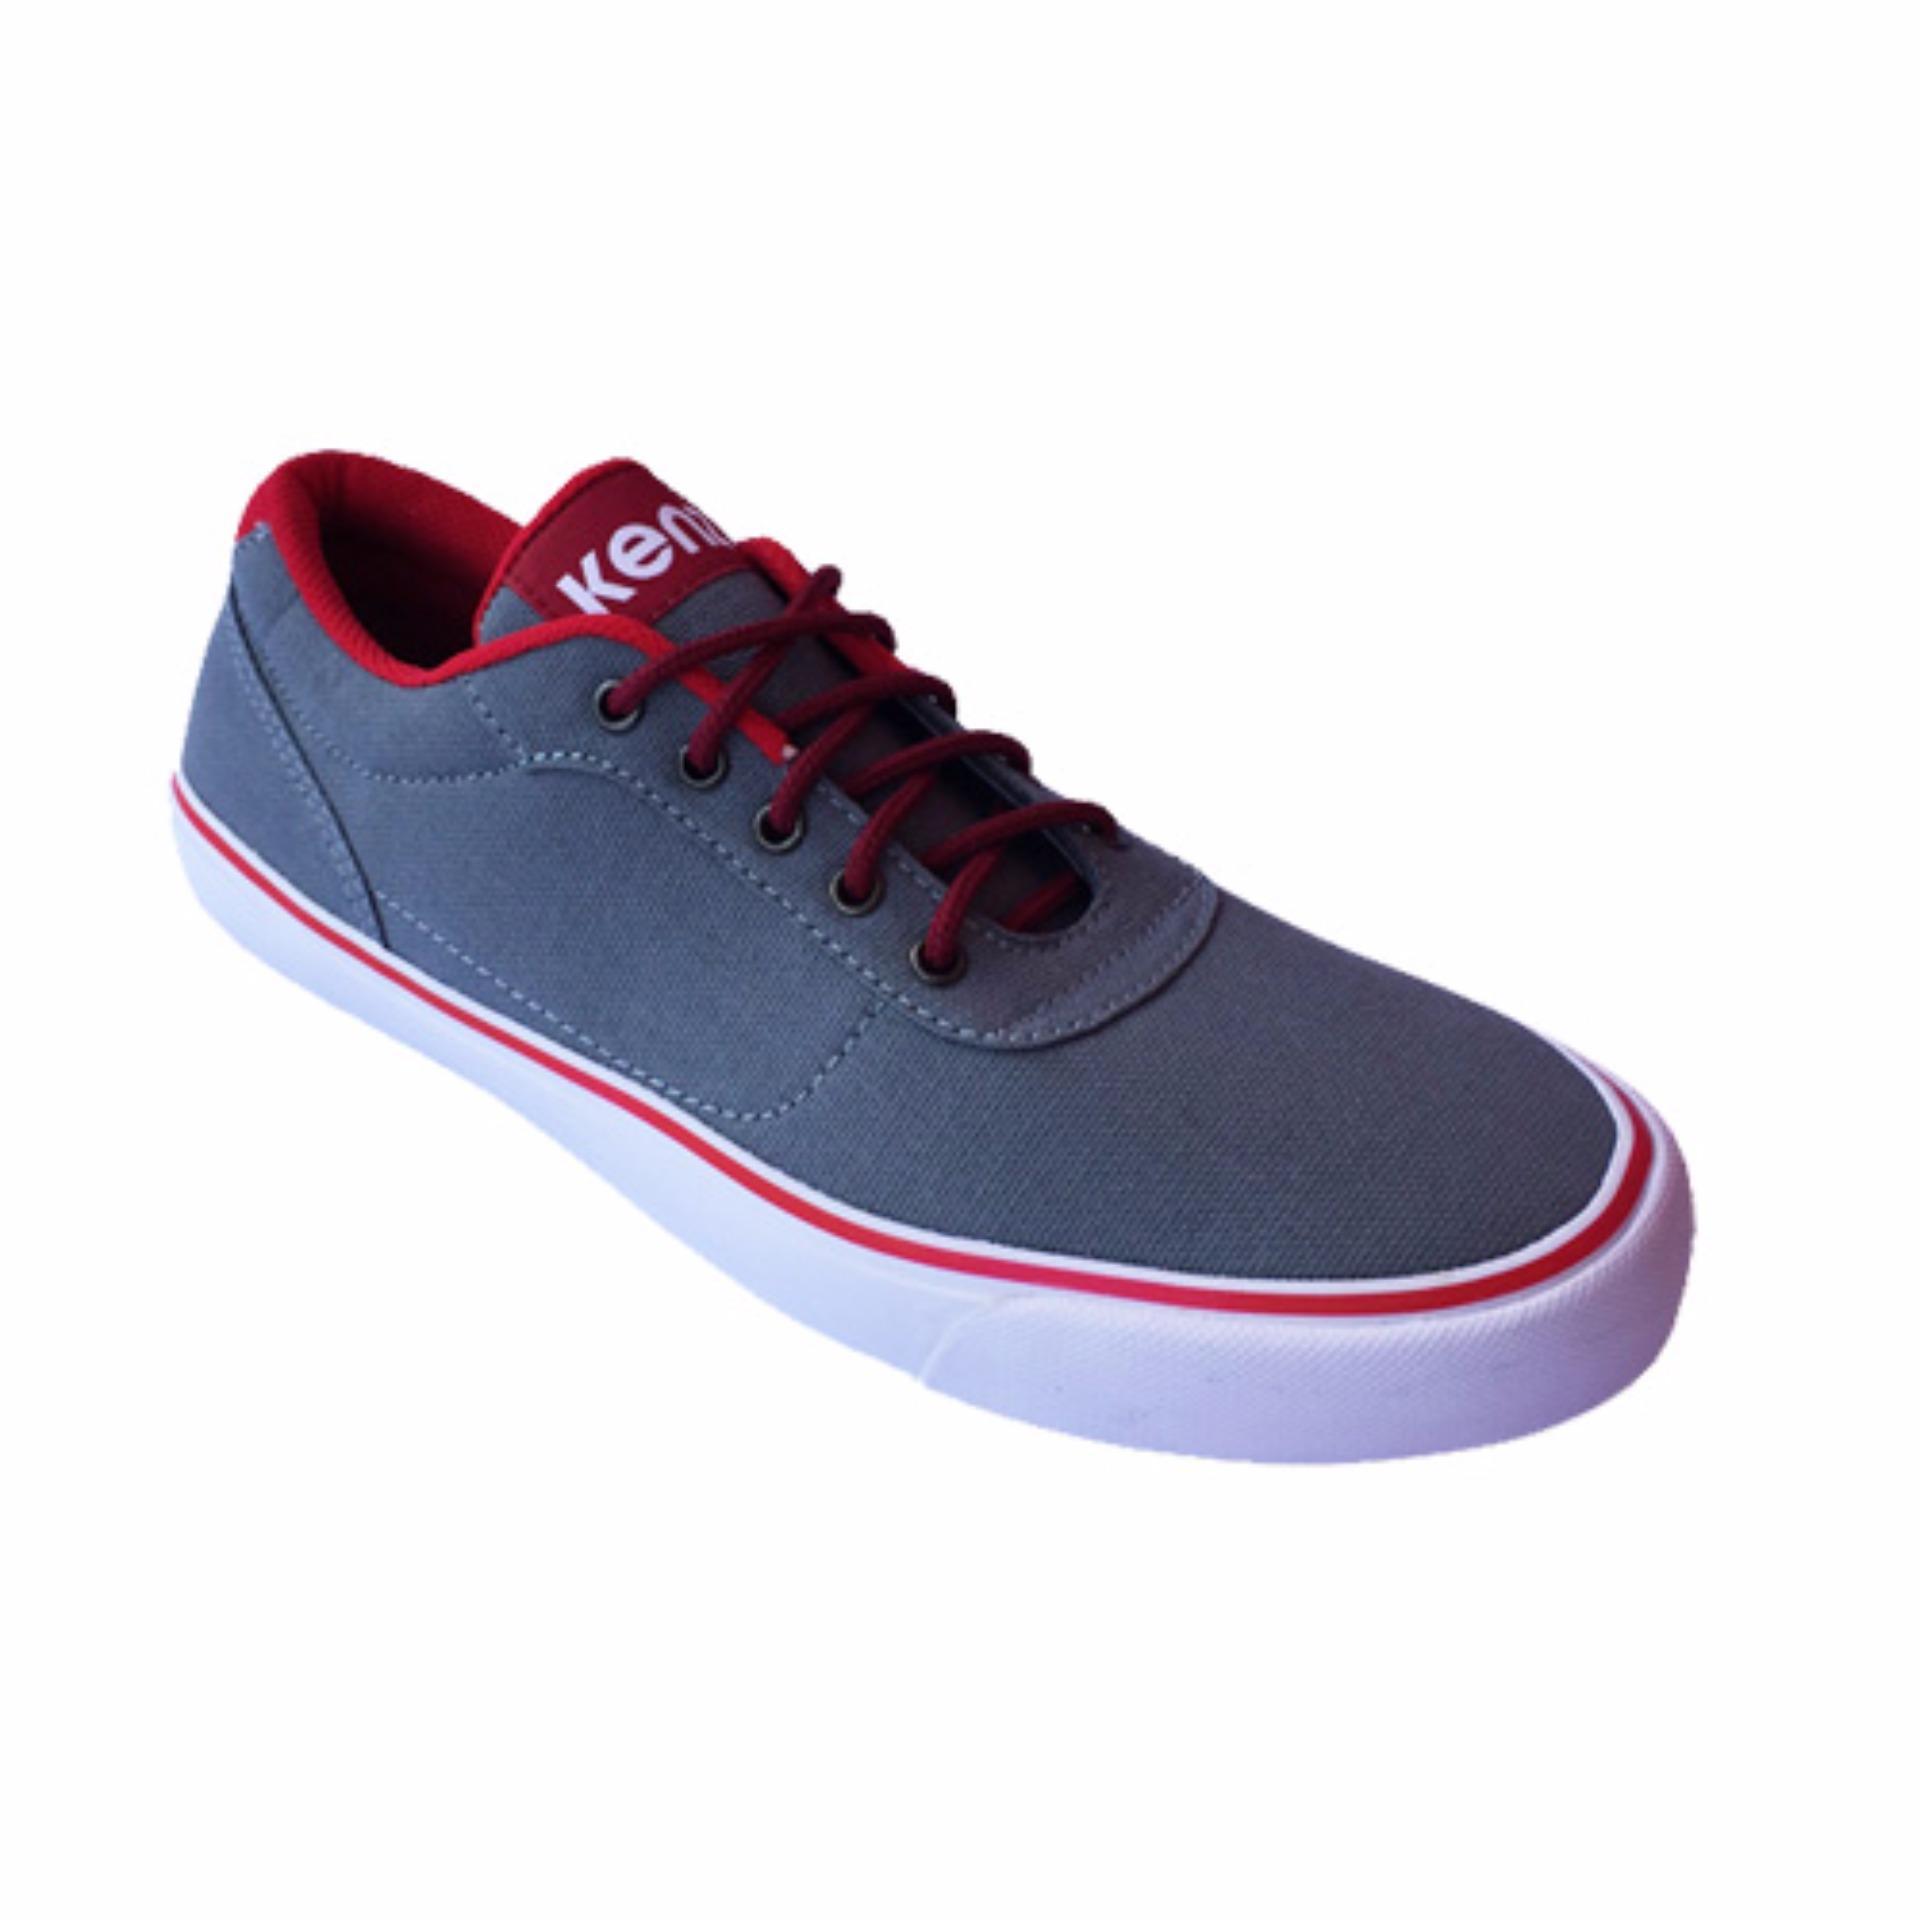 Harga Kenz Classic Sepatu Pria Sneakers Grey Red Asli Kenz